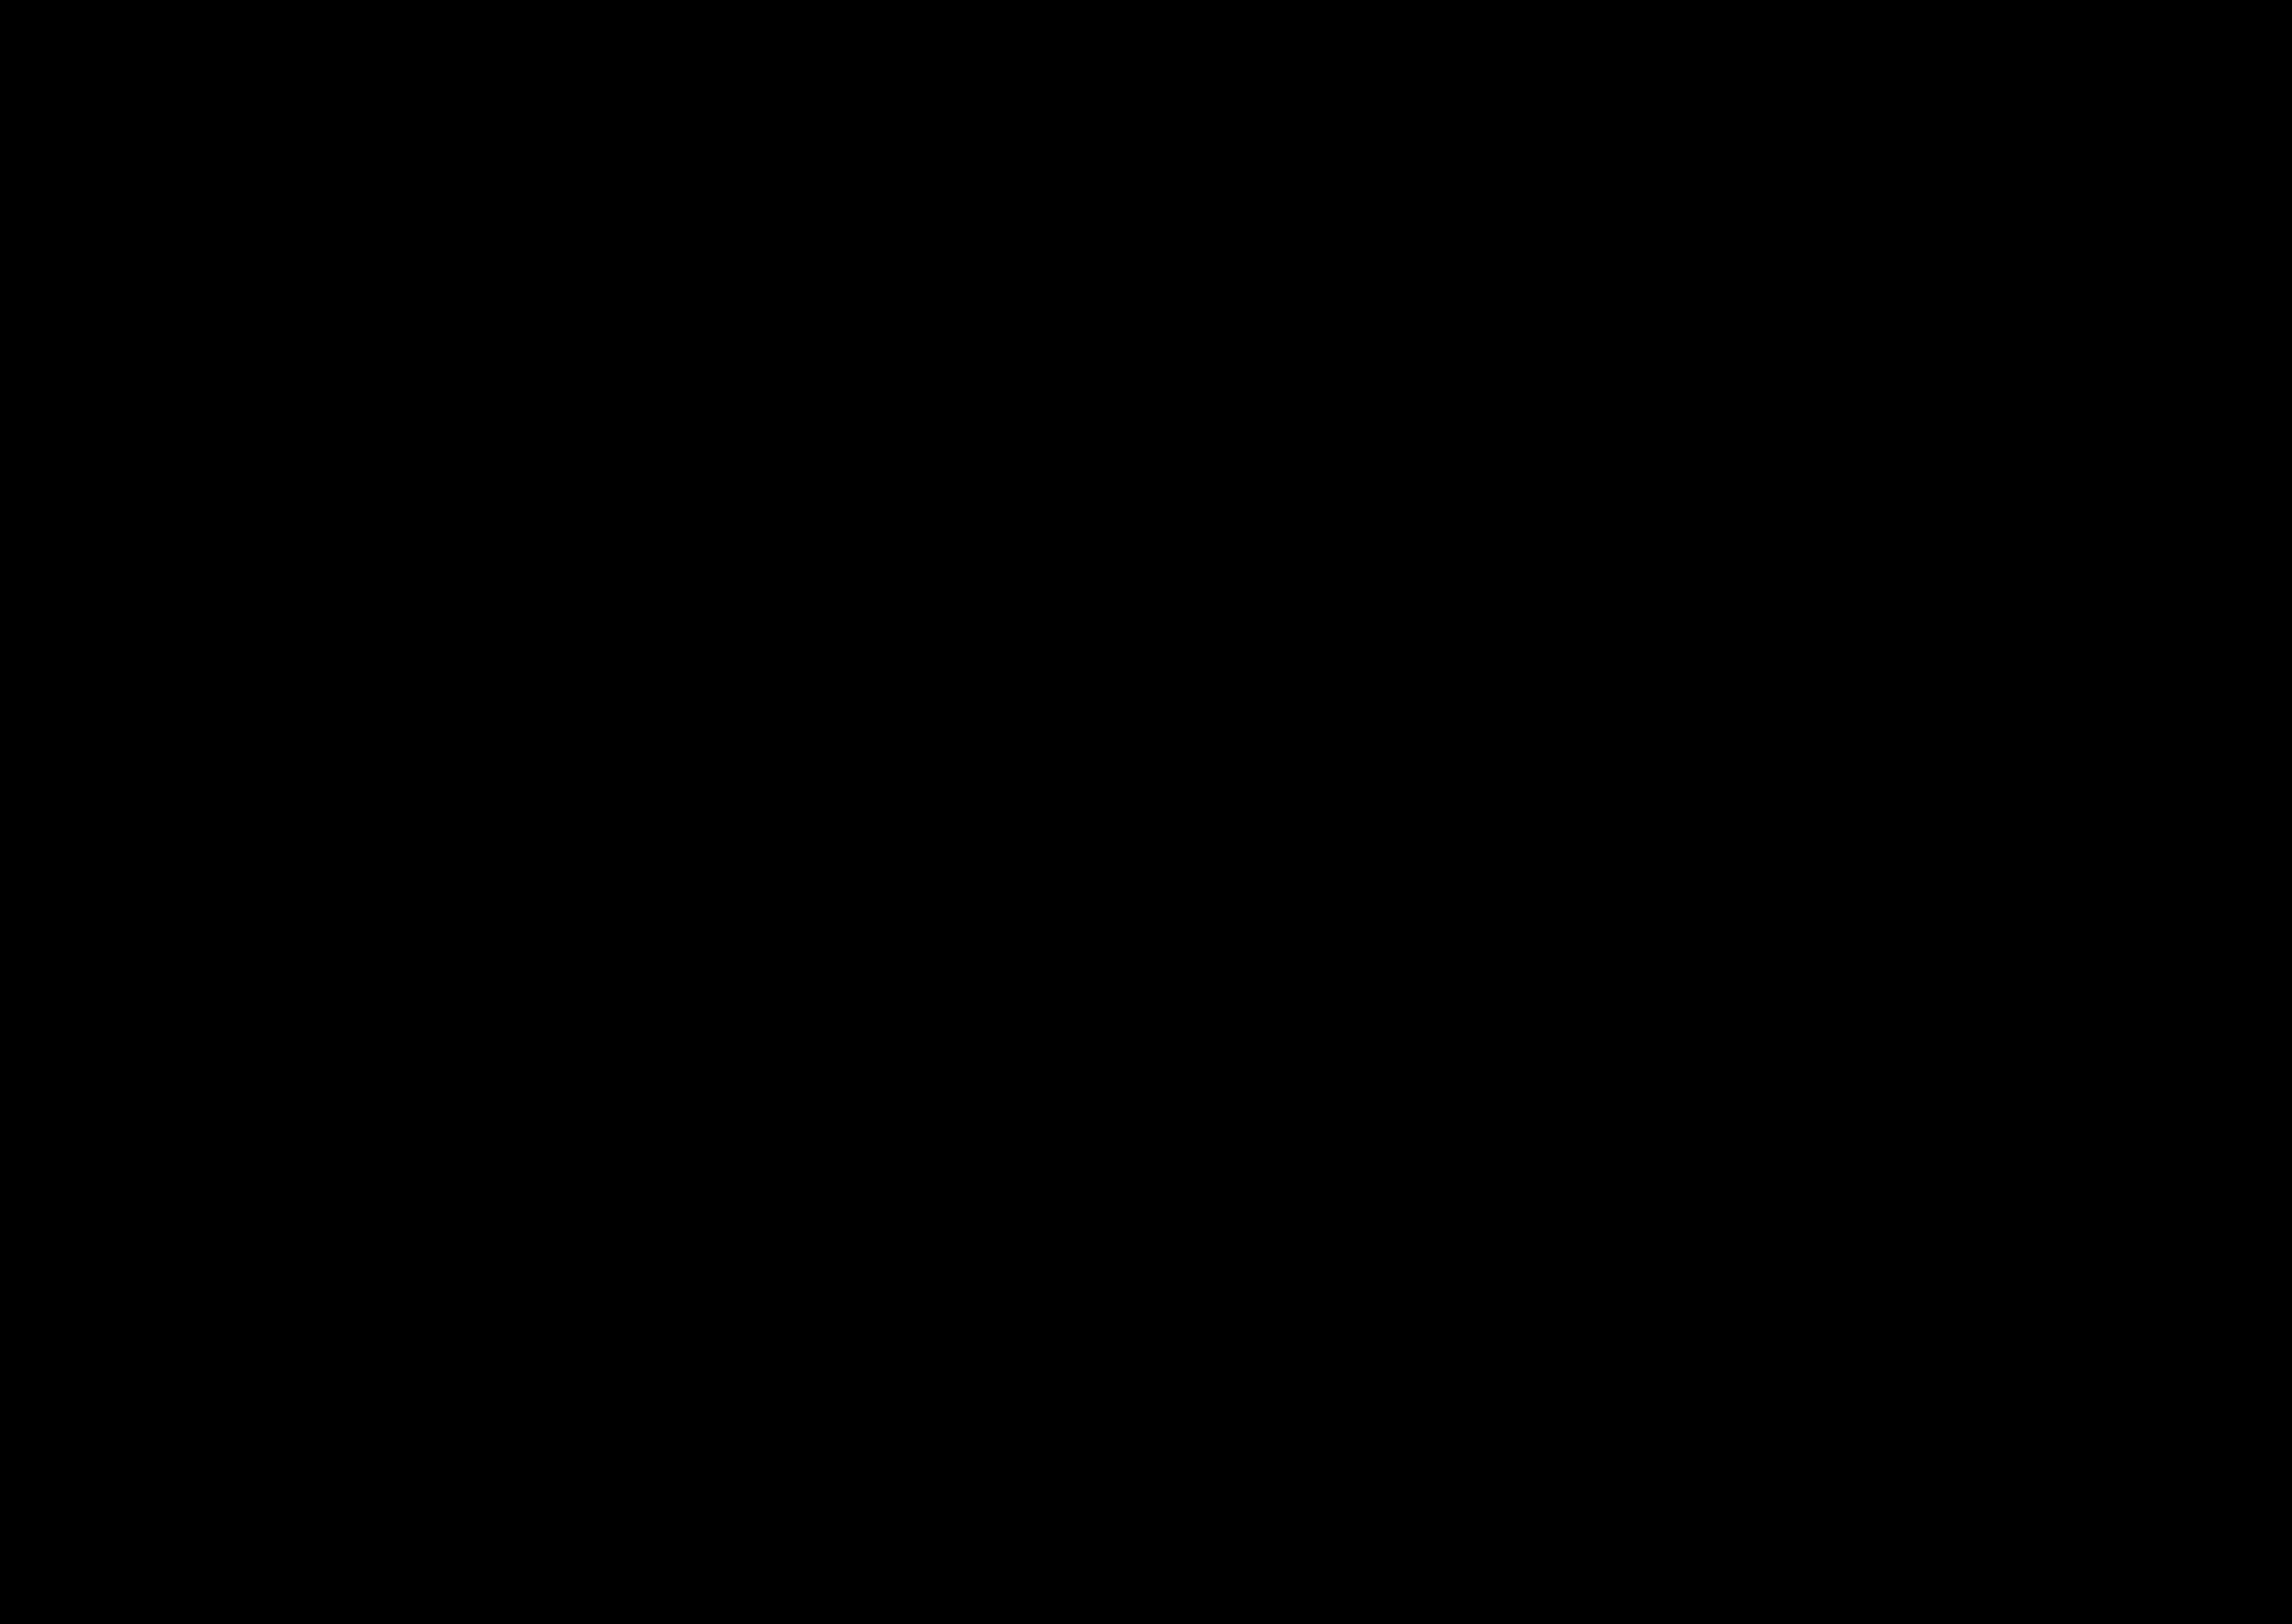 Amenajare Studio WELLA - Bucuresti  - Poza 3